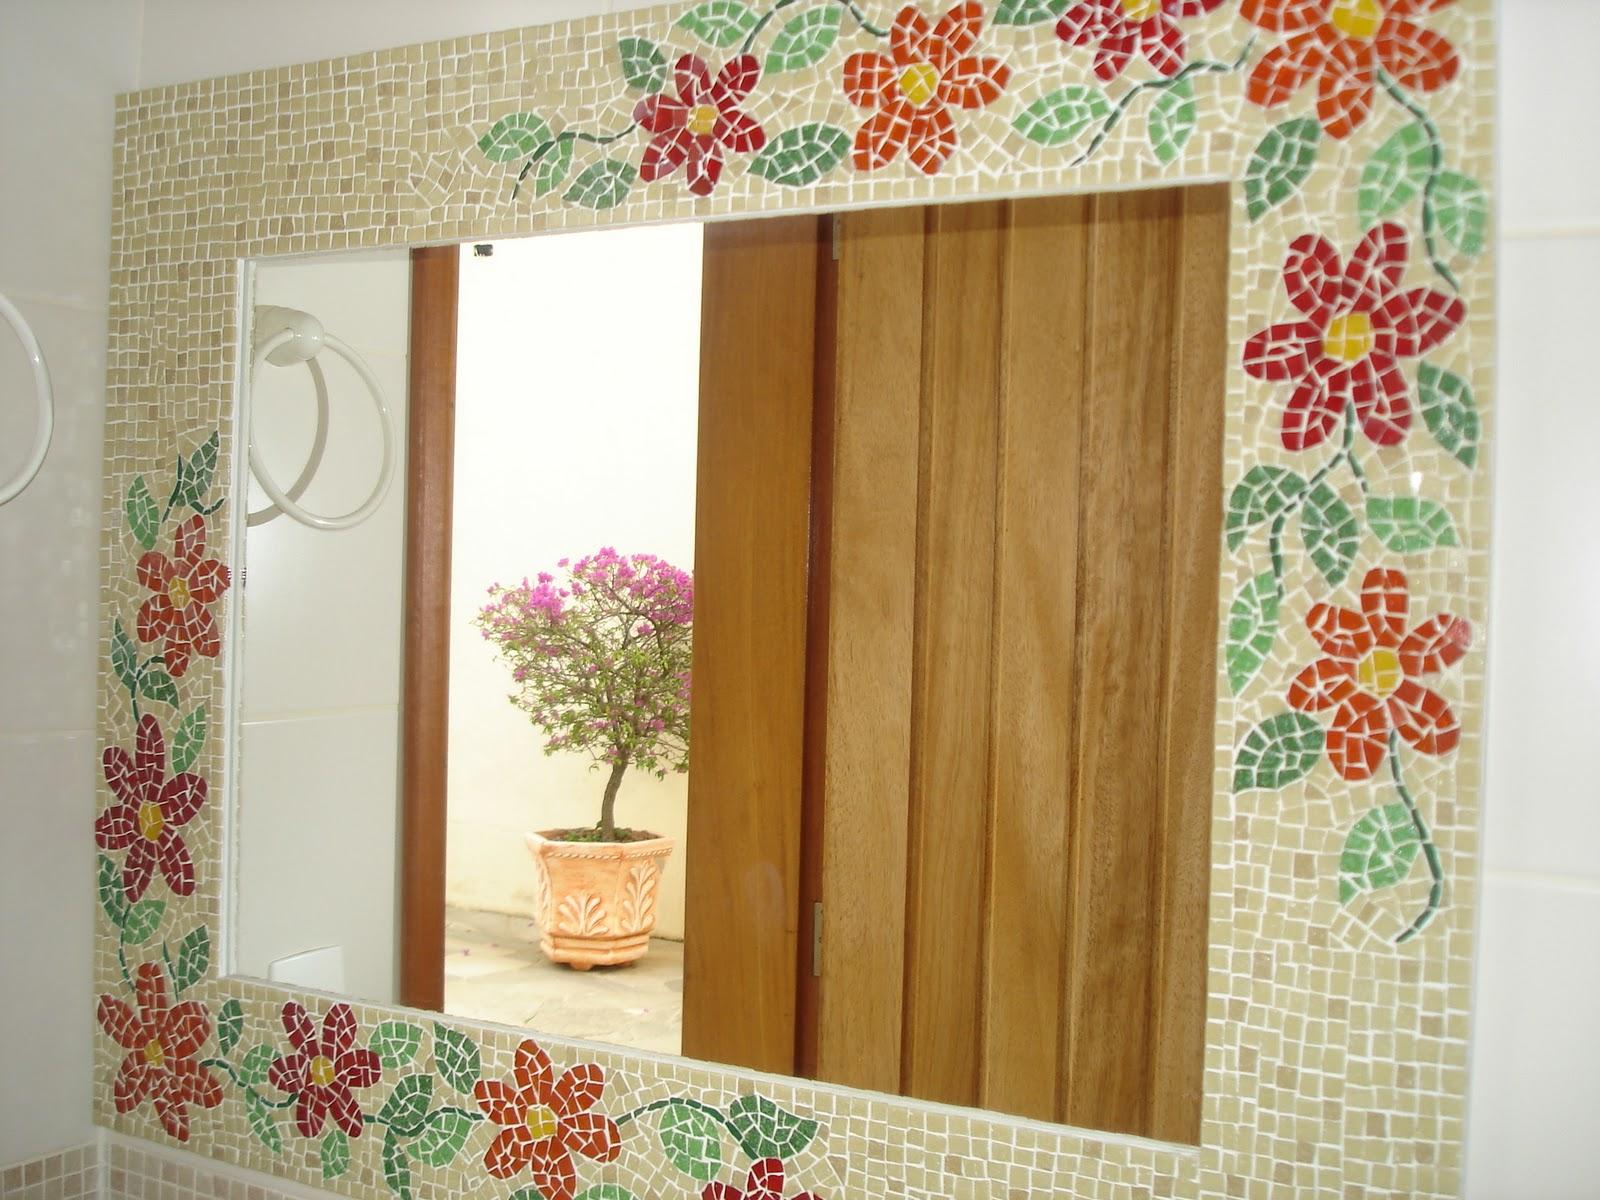 Postado por moniquearte às 11:00 Nenhum comentário: Links para esta  #B24118 1600x1200 Azulejo Mosaico Banheiro